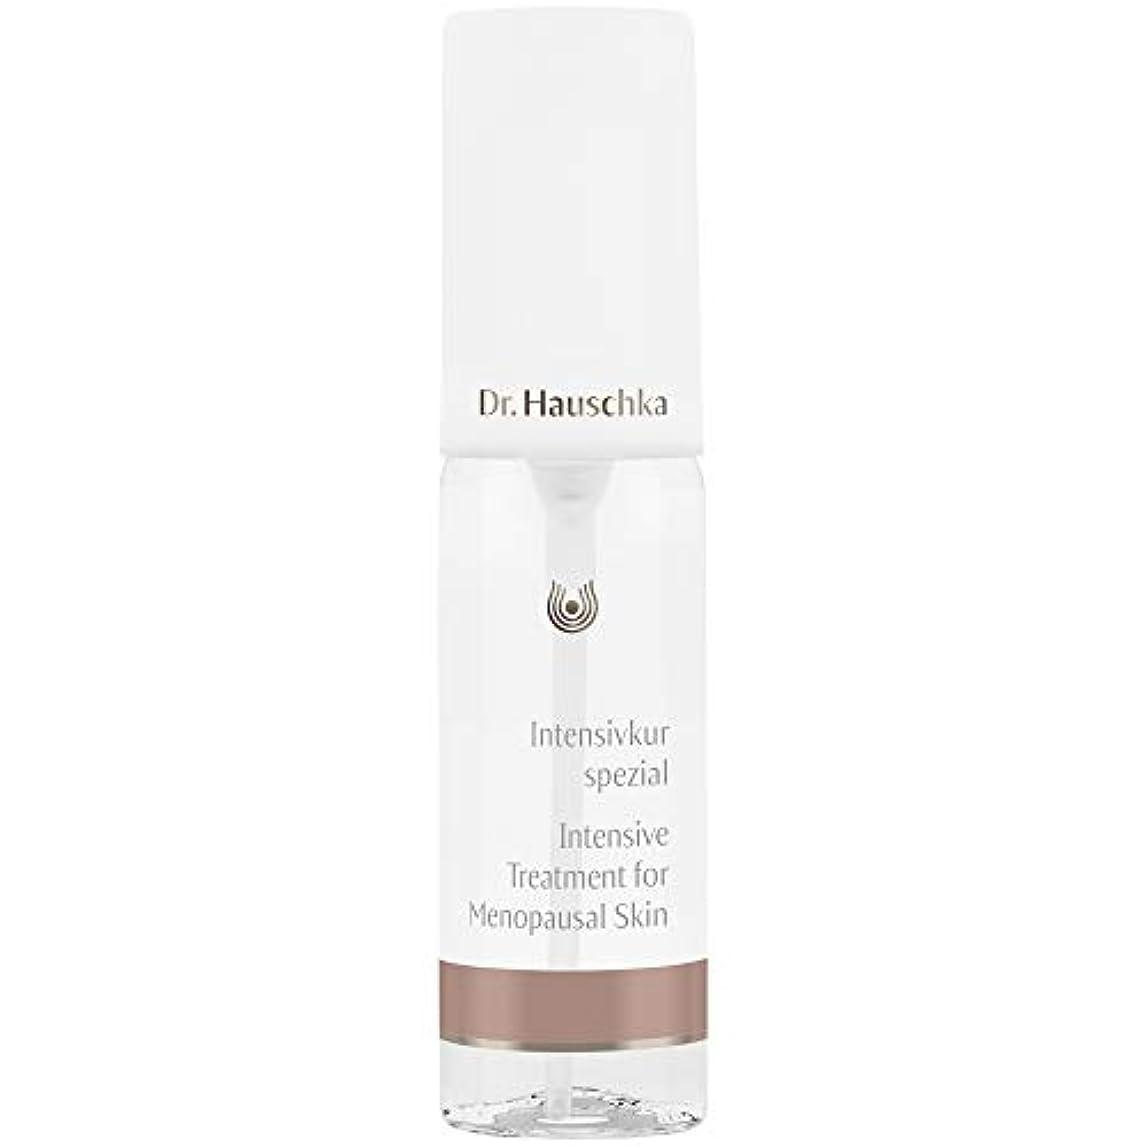 スポーツ隔離するより平らな[Dr Hauschka] 更年期の皮膚05 40ミリリットルのためのDrハウシュカ集中治療 - Dr Hauschka Intensive Treatment for Menopausal Skin 05 40ml [...